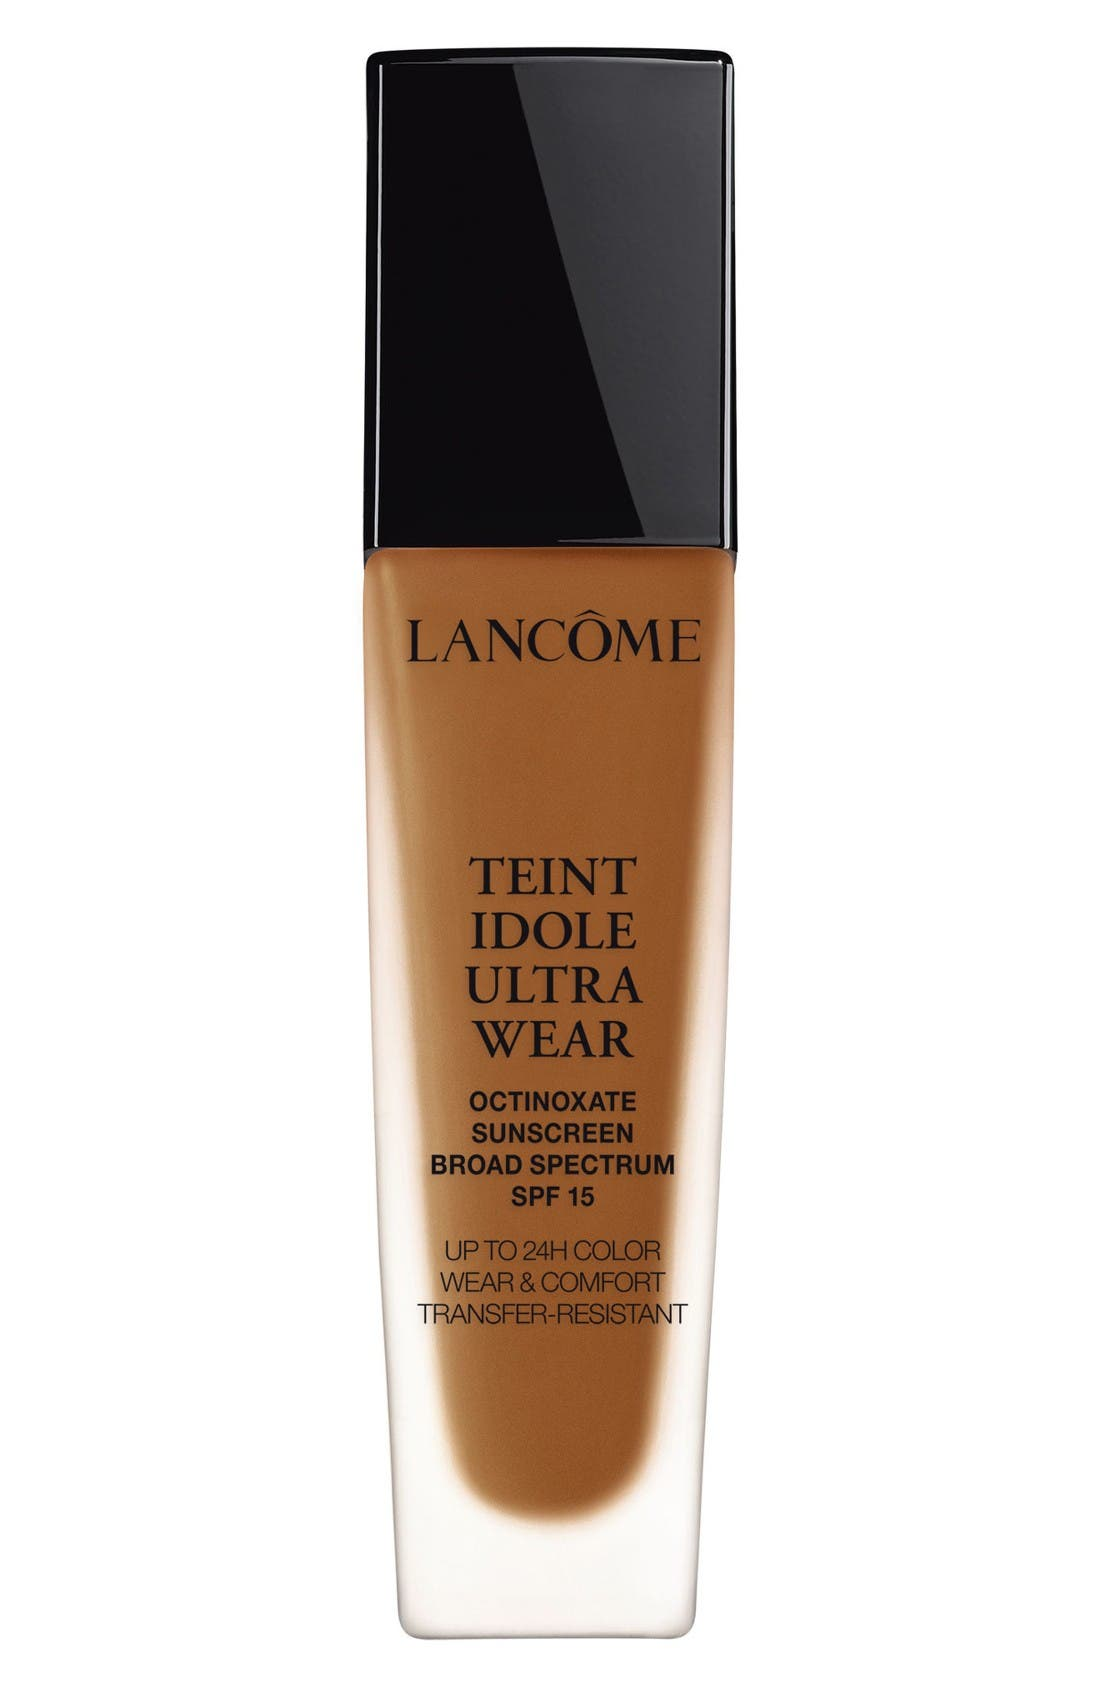 Lancôme Teint Idole Ultra Liquid 24H Longwear SPF 15 Foundation